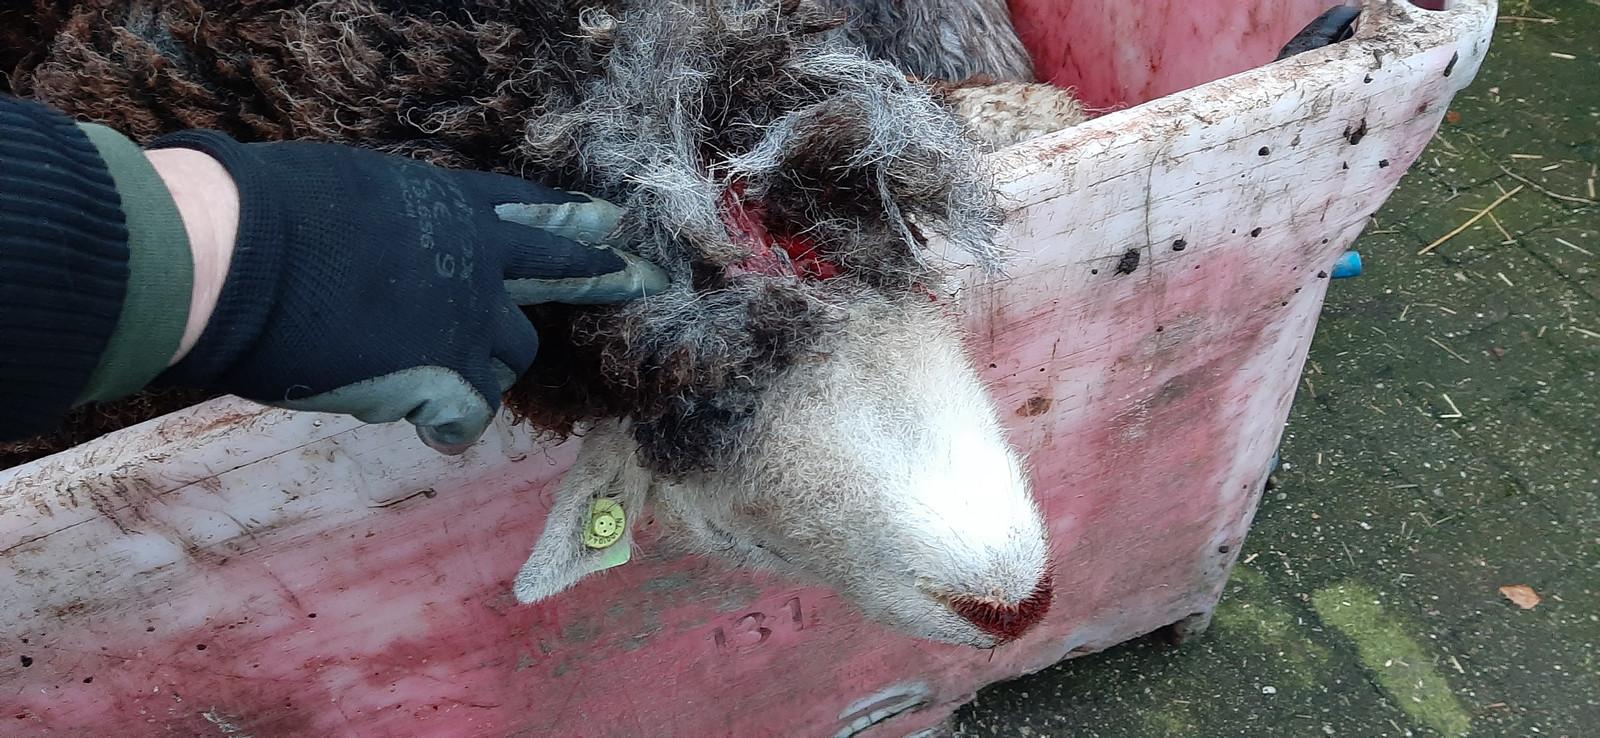 Eén van de gedode schapen in Heeswijk-Dinther.